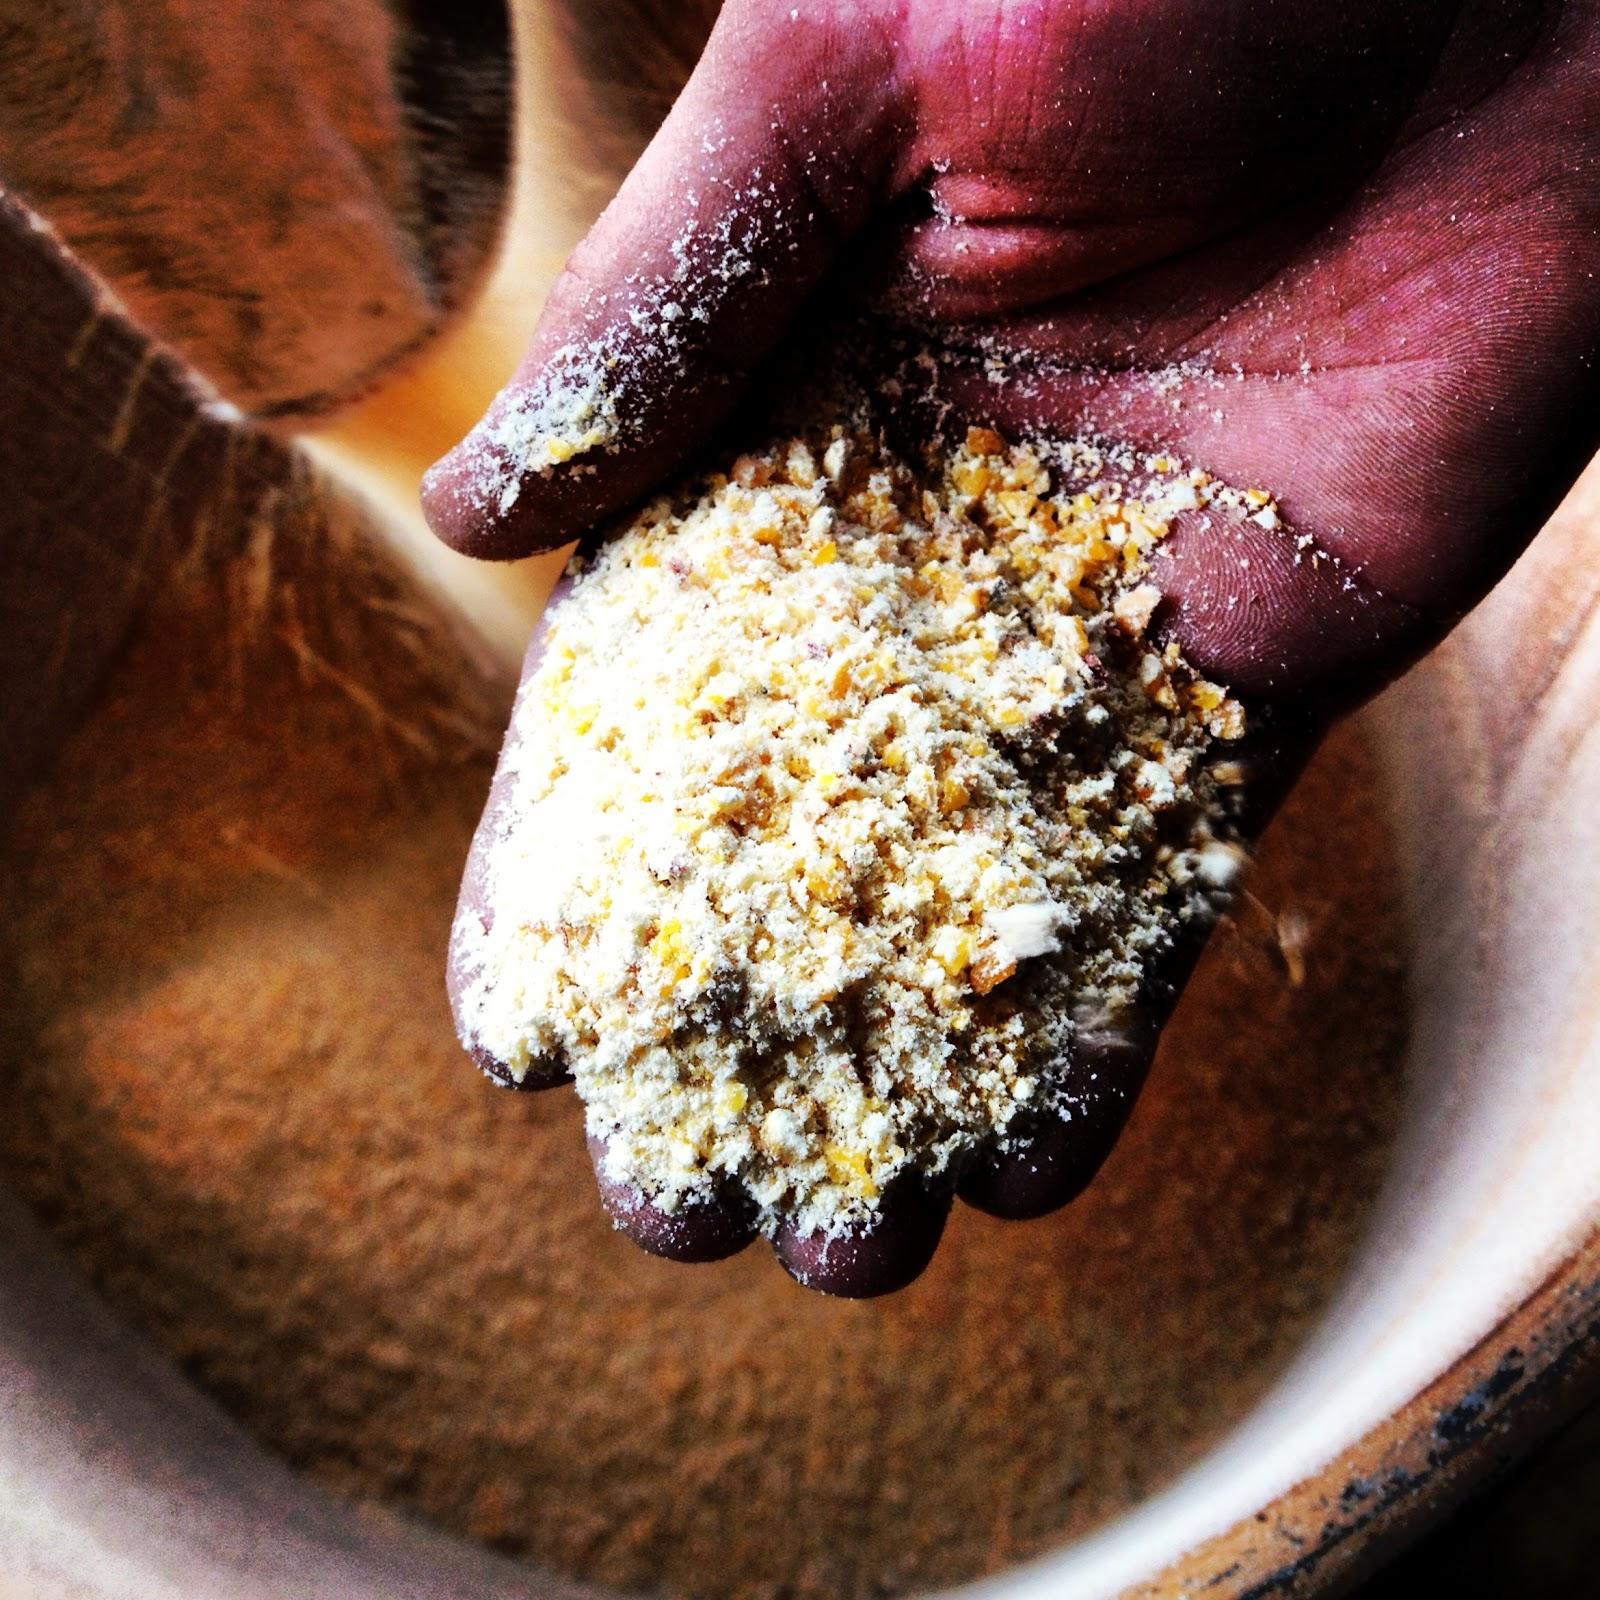 honey and horseshoes: Corn clobberer